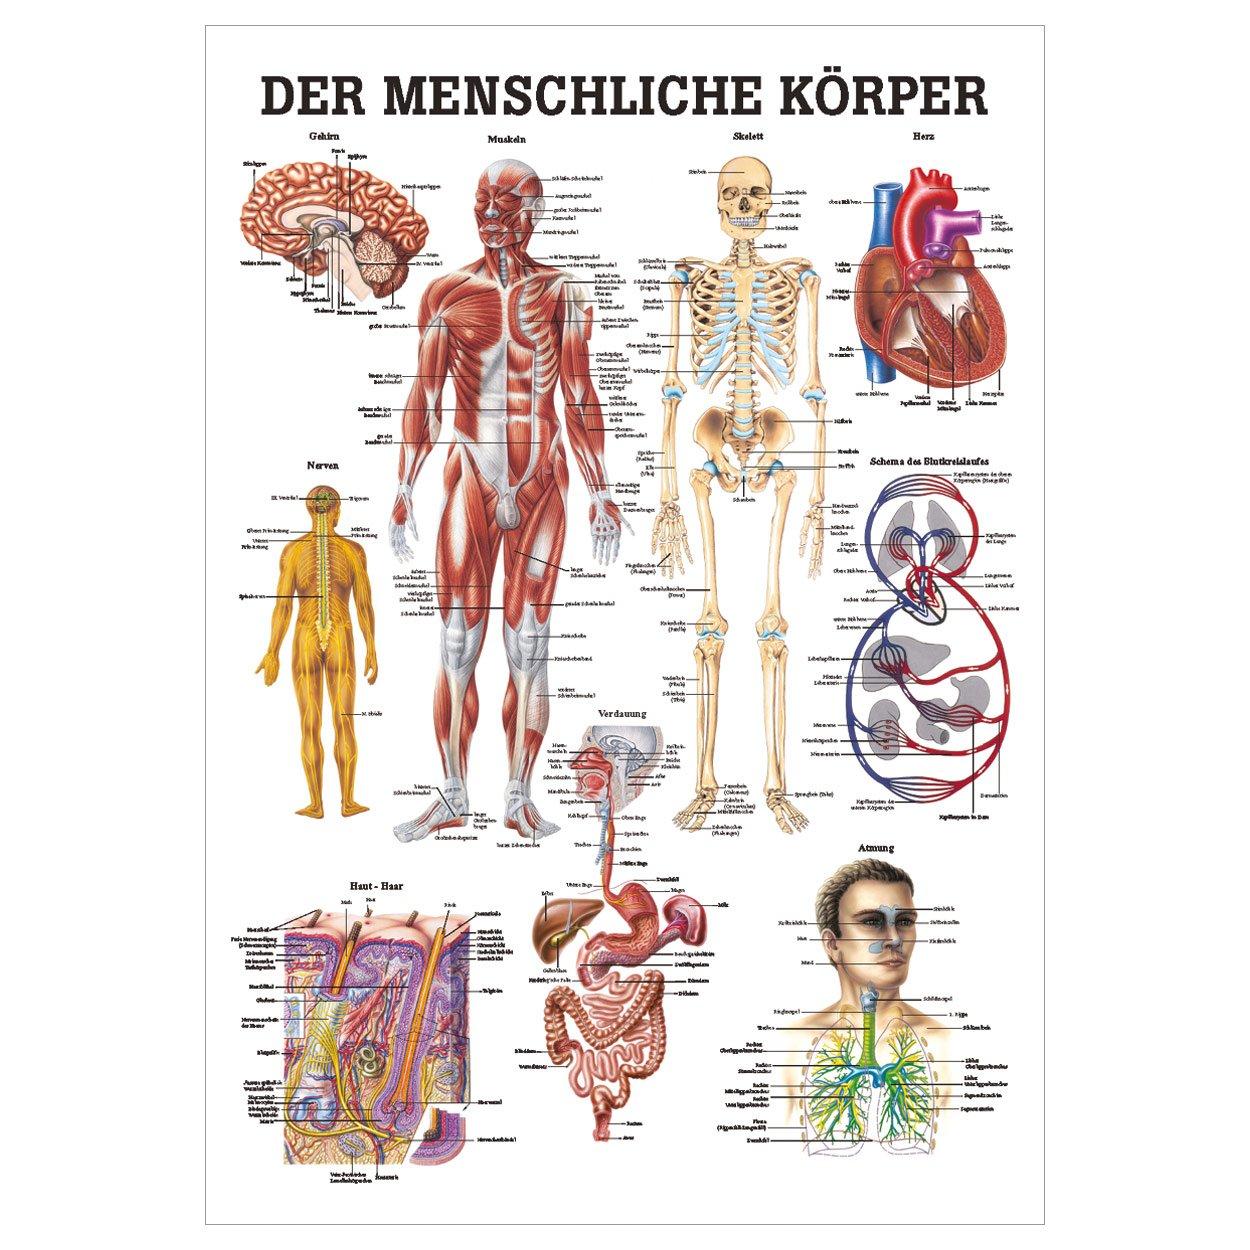 Ziemlich Bild Der Menschlichen Körper Organe Bilder - Physiologie ...